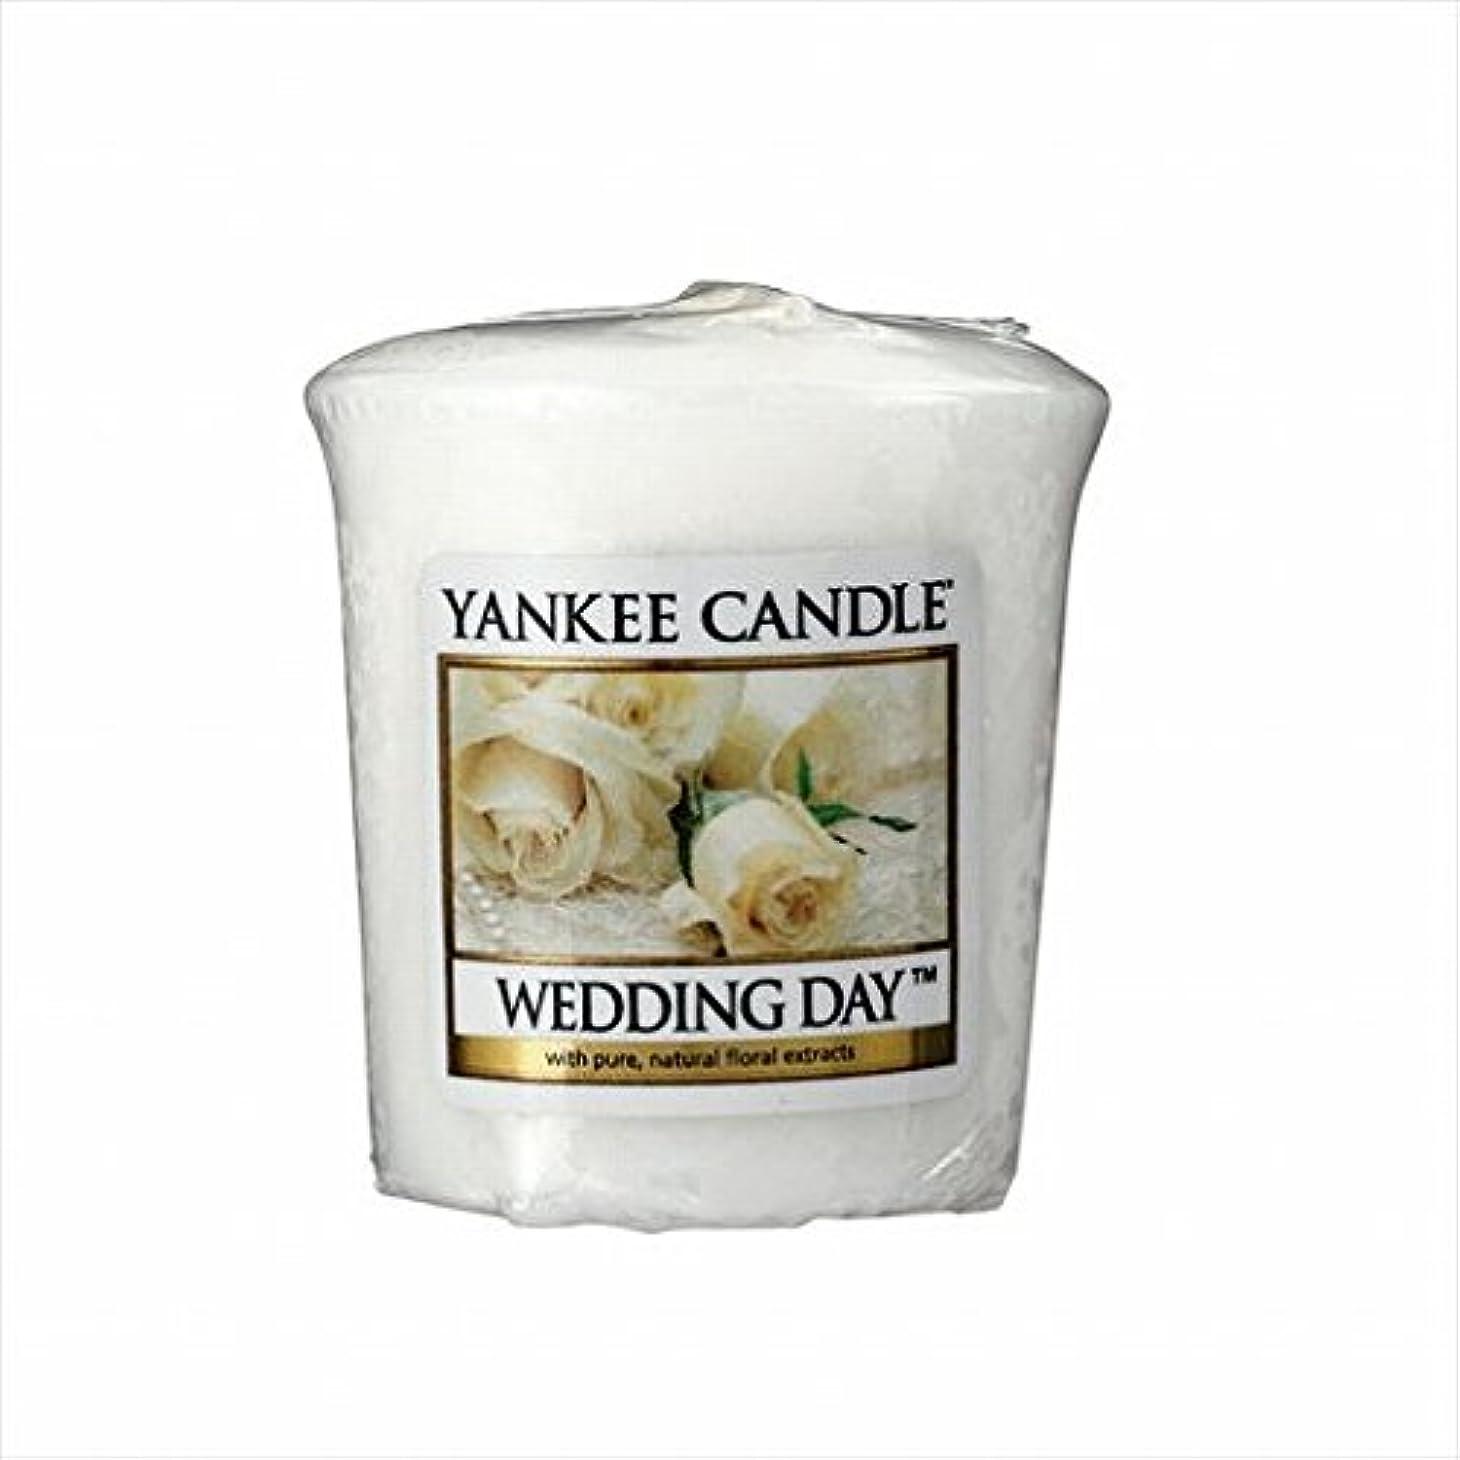 パトロール奇跡リラックスカメヤマキャンドル(kameyama candle) YANKEE CANDLE サンプラー 「 ウエディングデイ 」